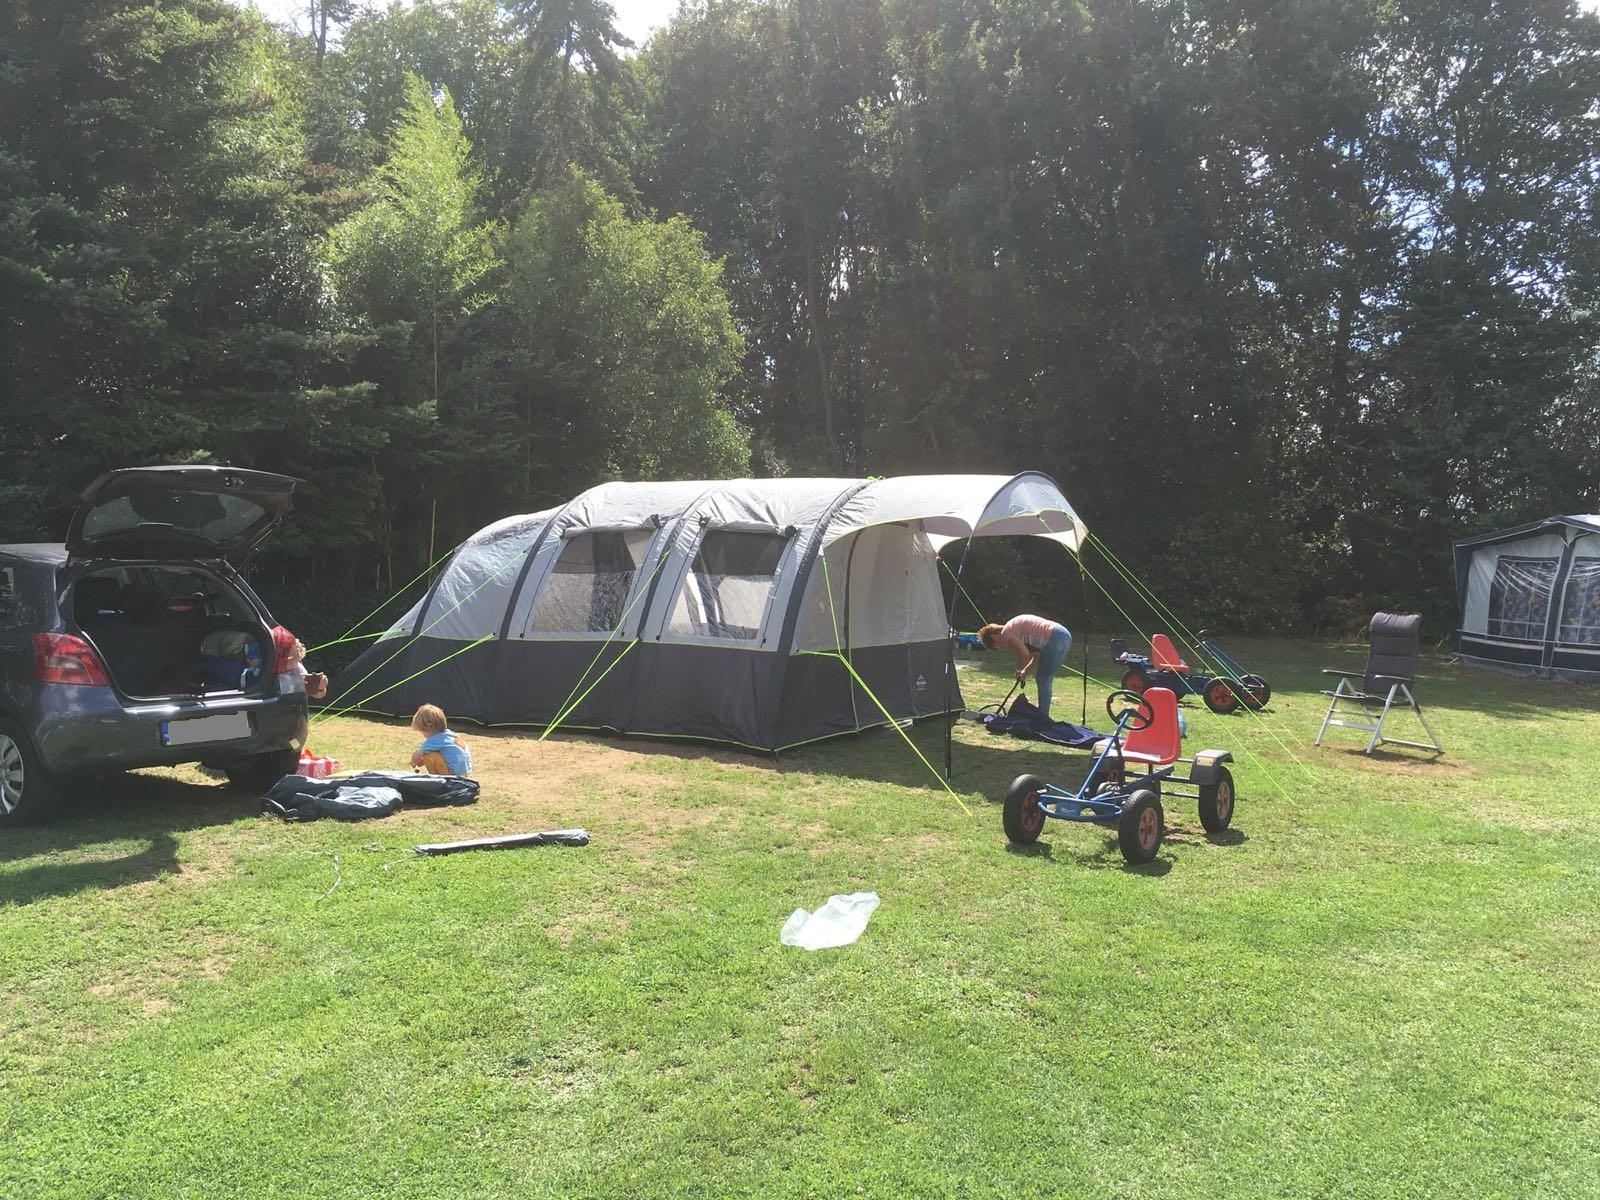 De kinderen vinden skelters en driewielers en parkeren die voor de tent.